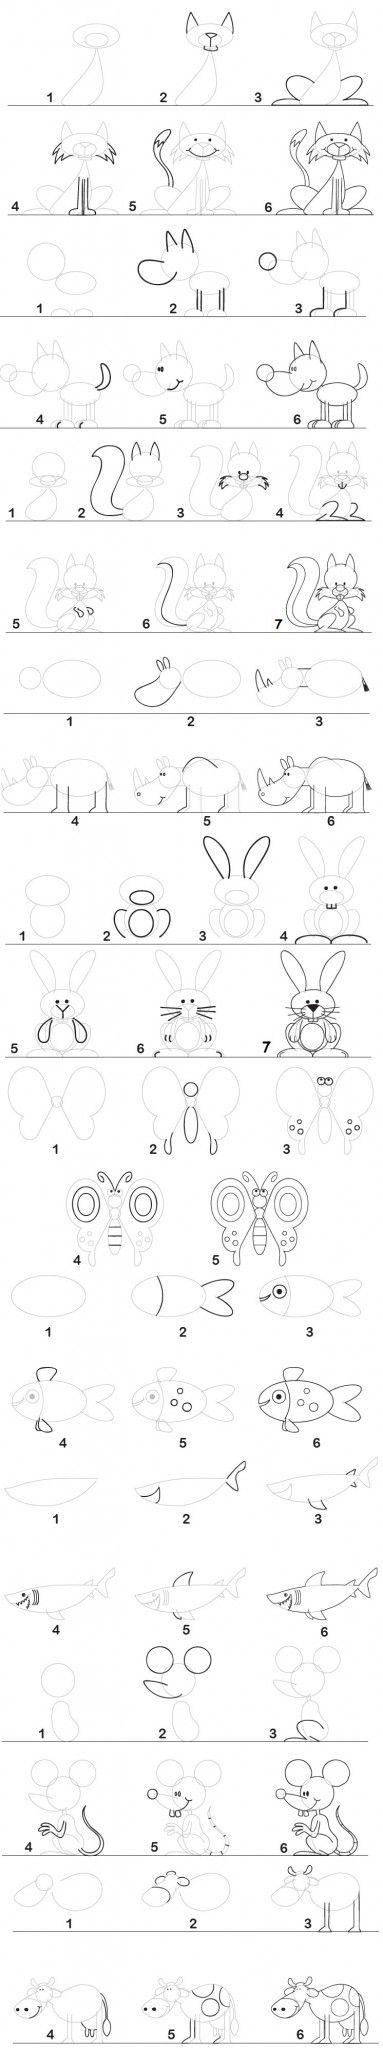 un fichier de dessins par étapes: